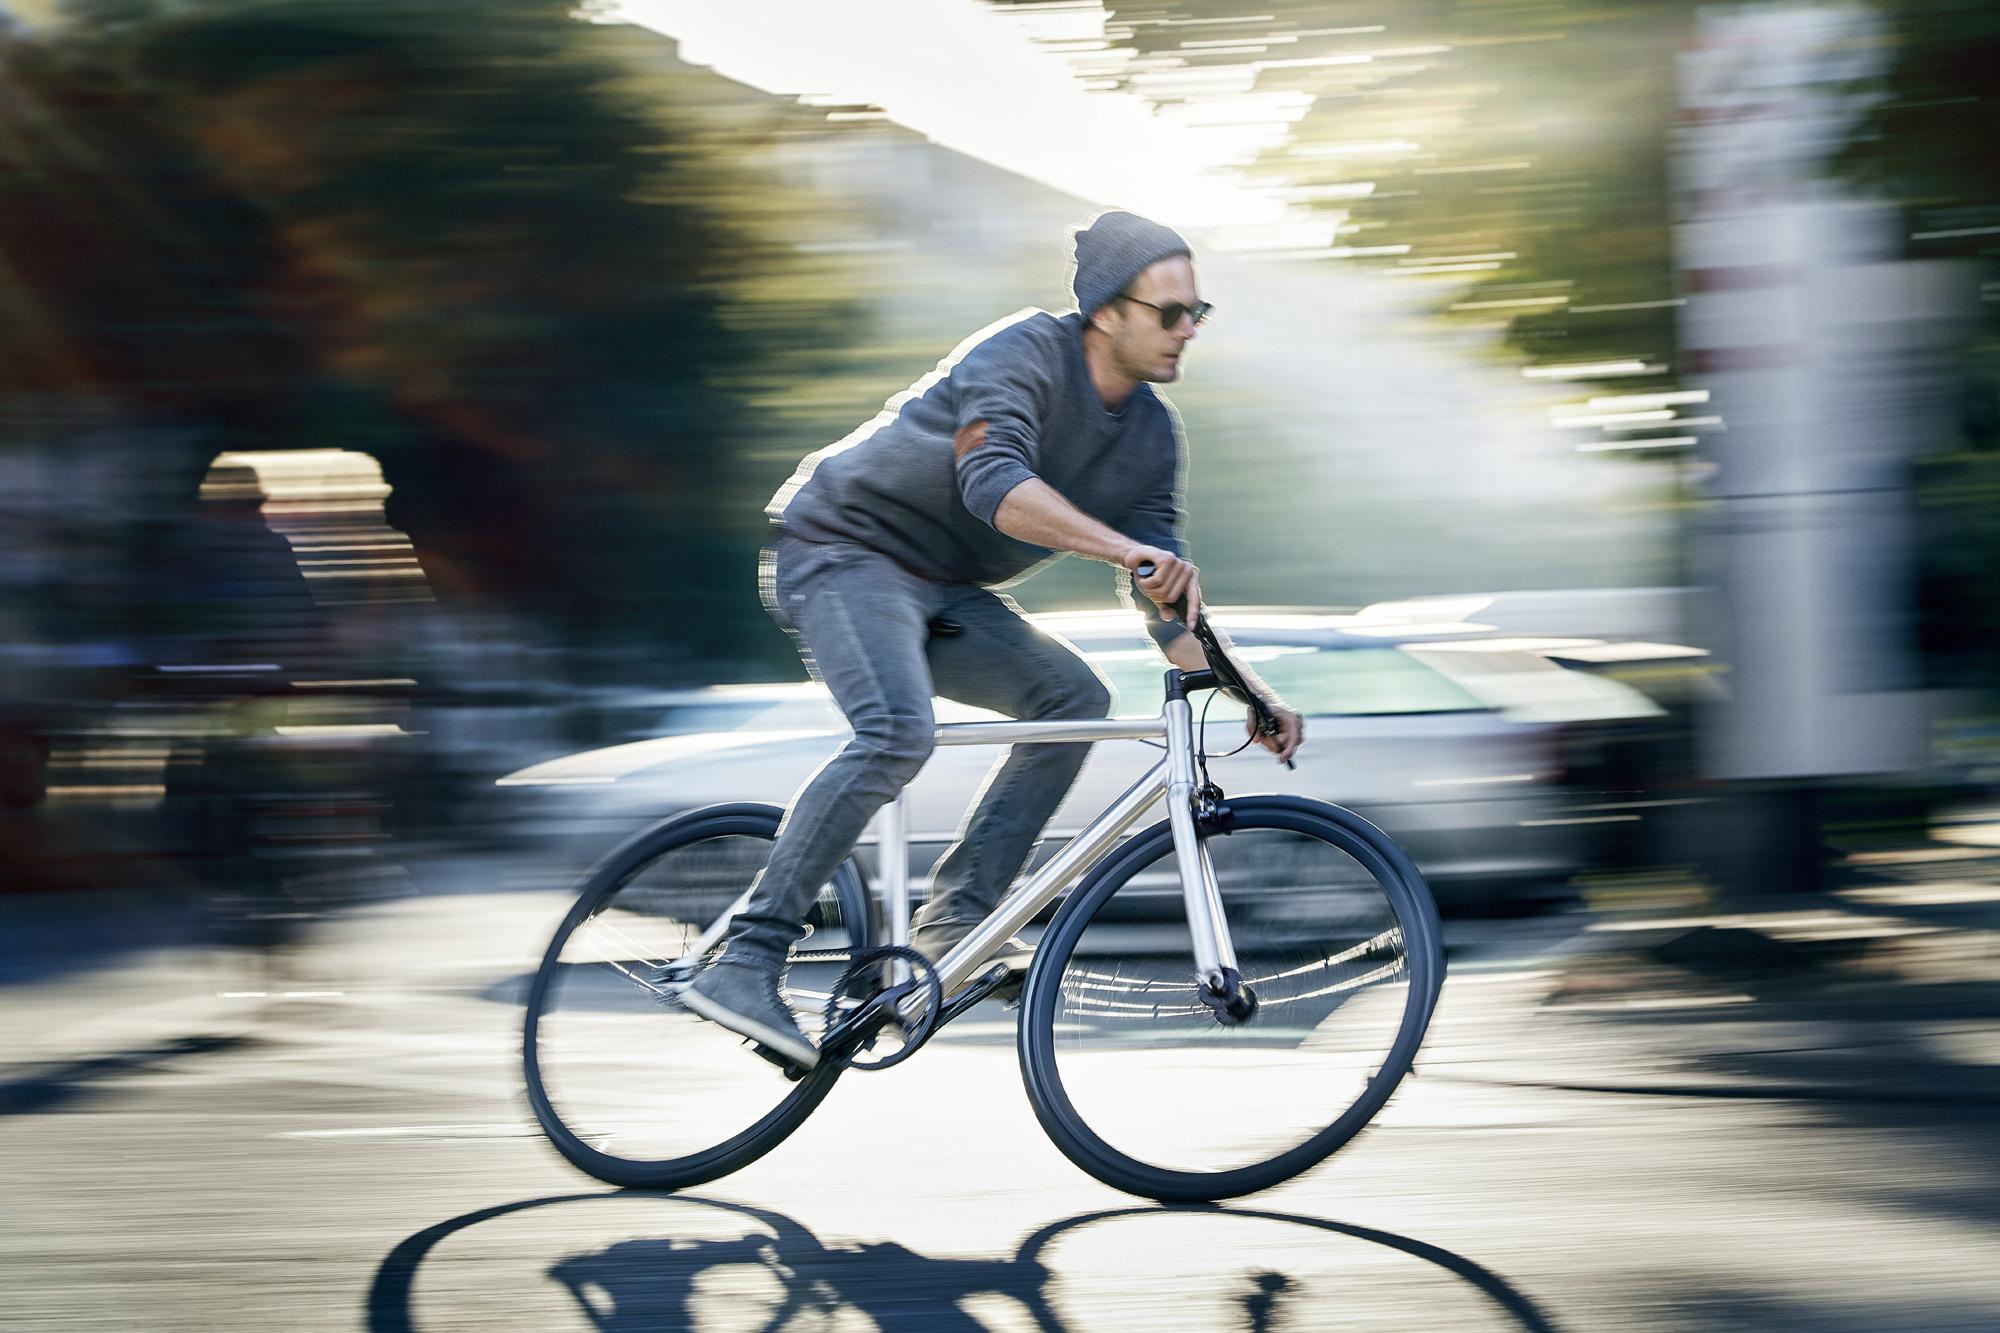 Viktor_2019_Vuk_Bikes_lifestyle_01